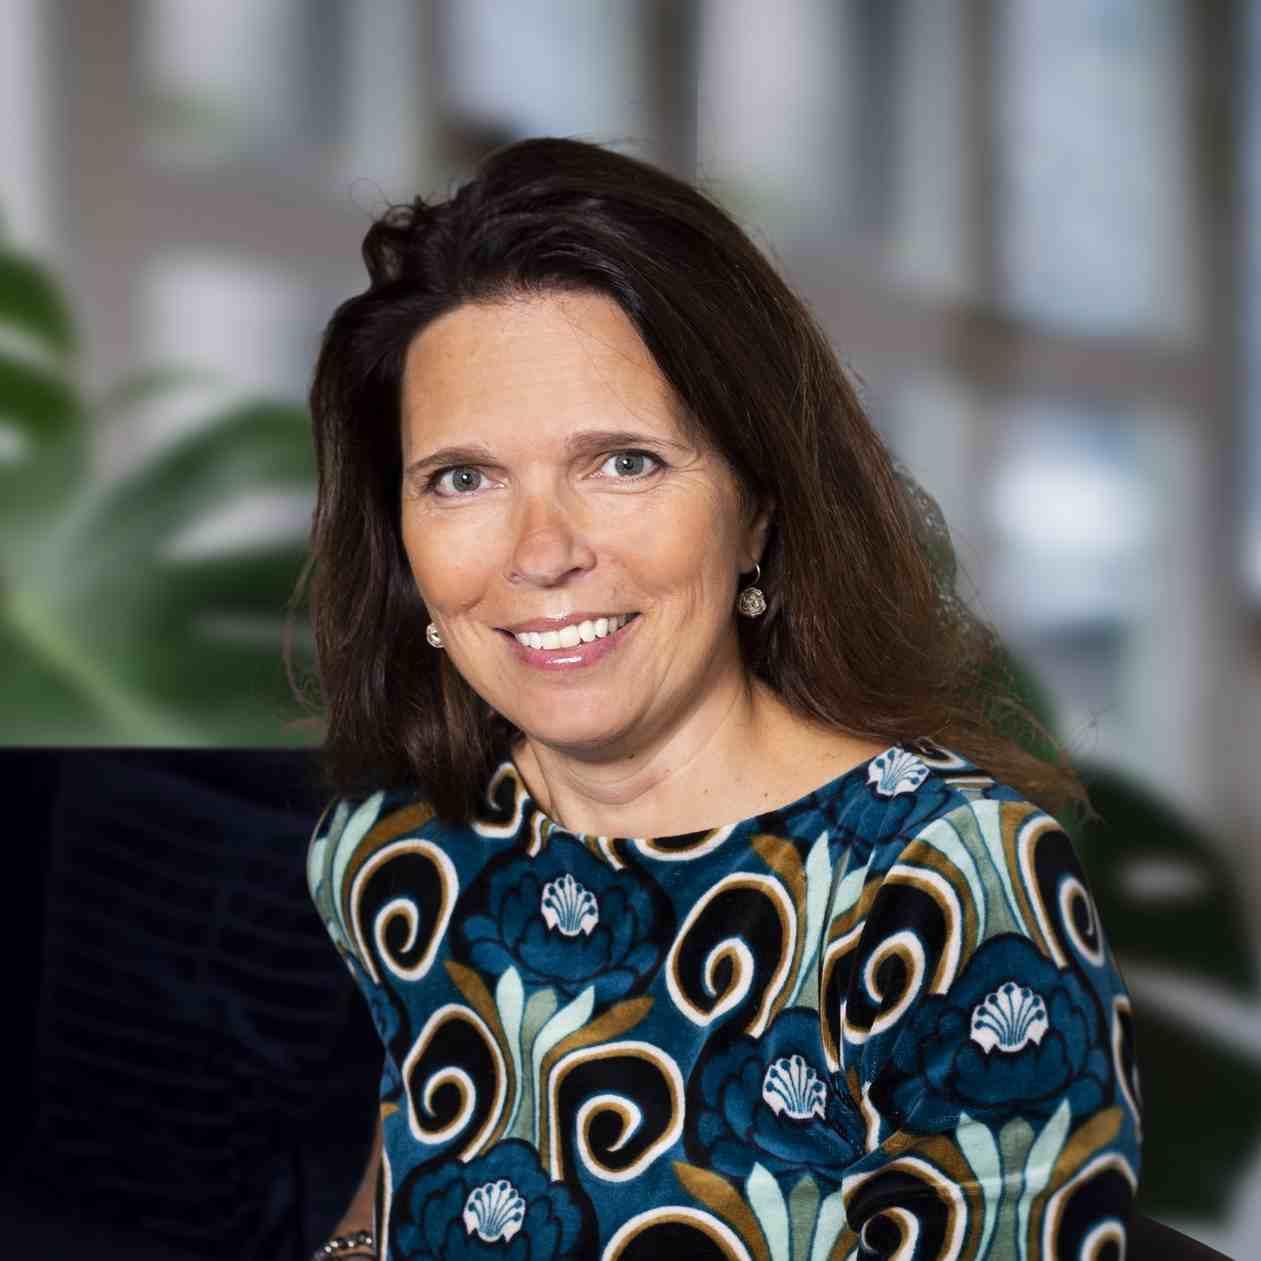 Alieke Doornink